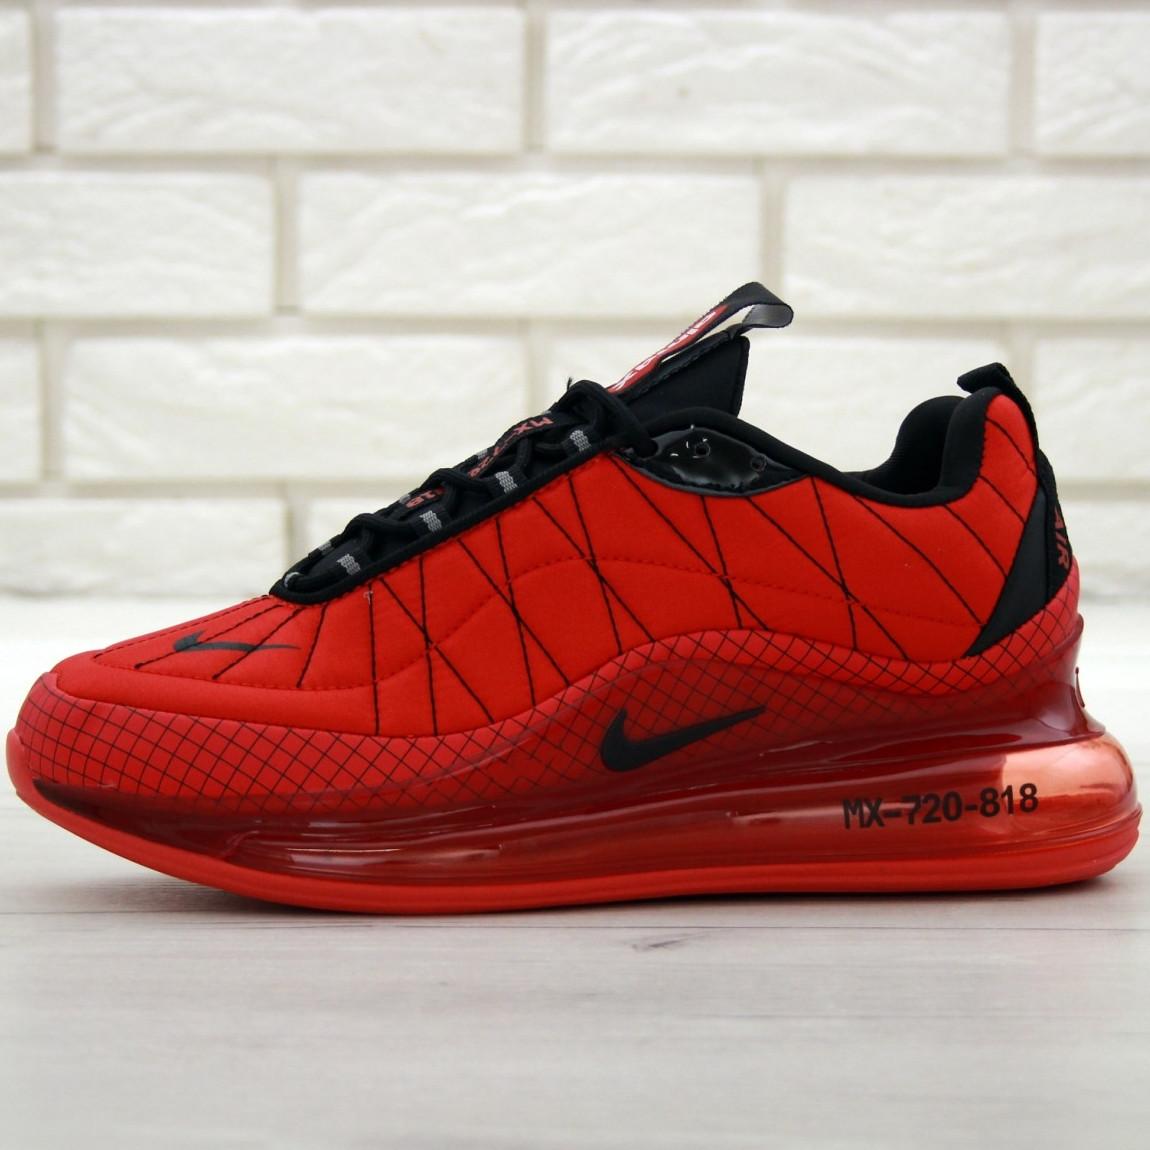 Кроссовки мужские Nike Air Max AM-720-818 красные (Top replic)